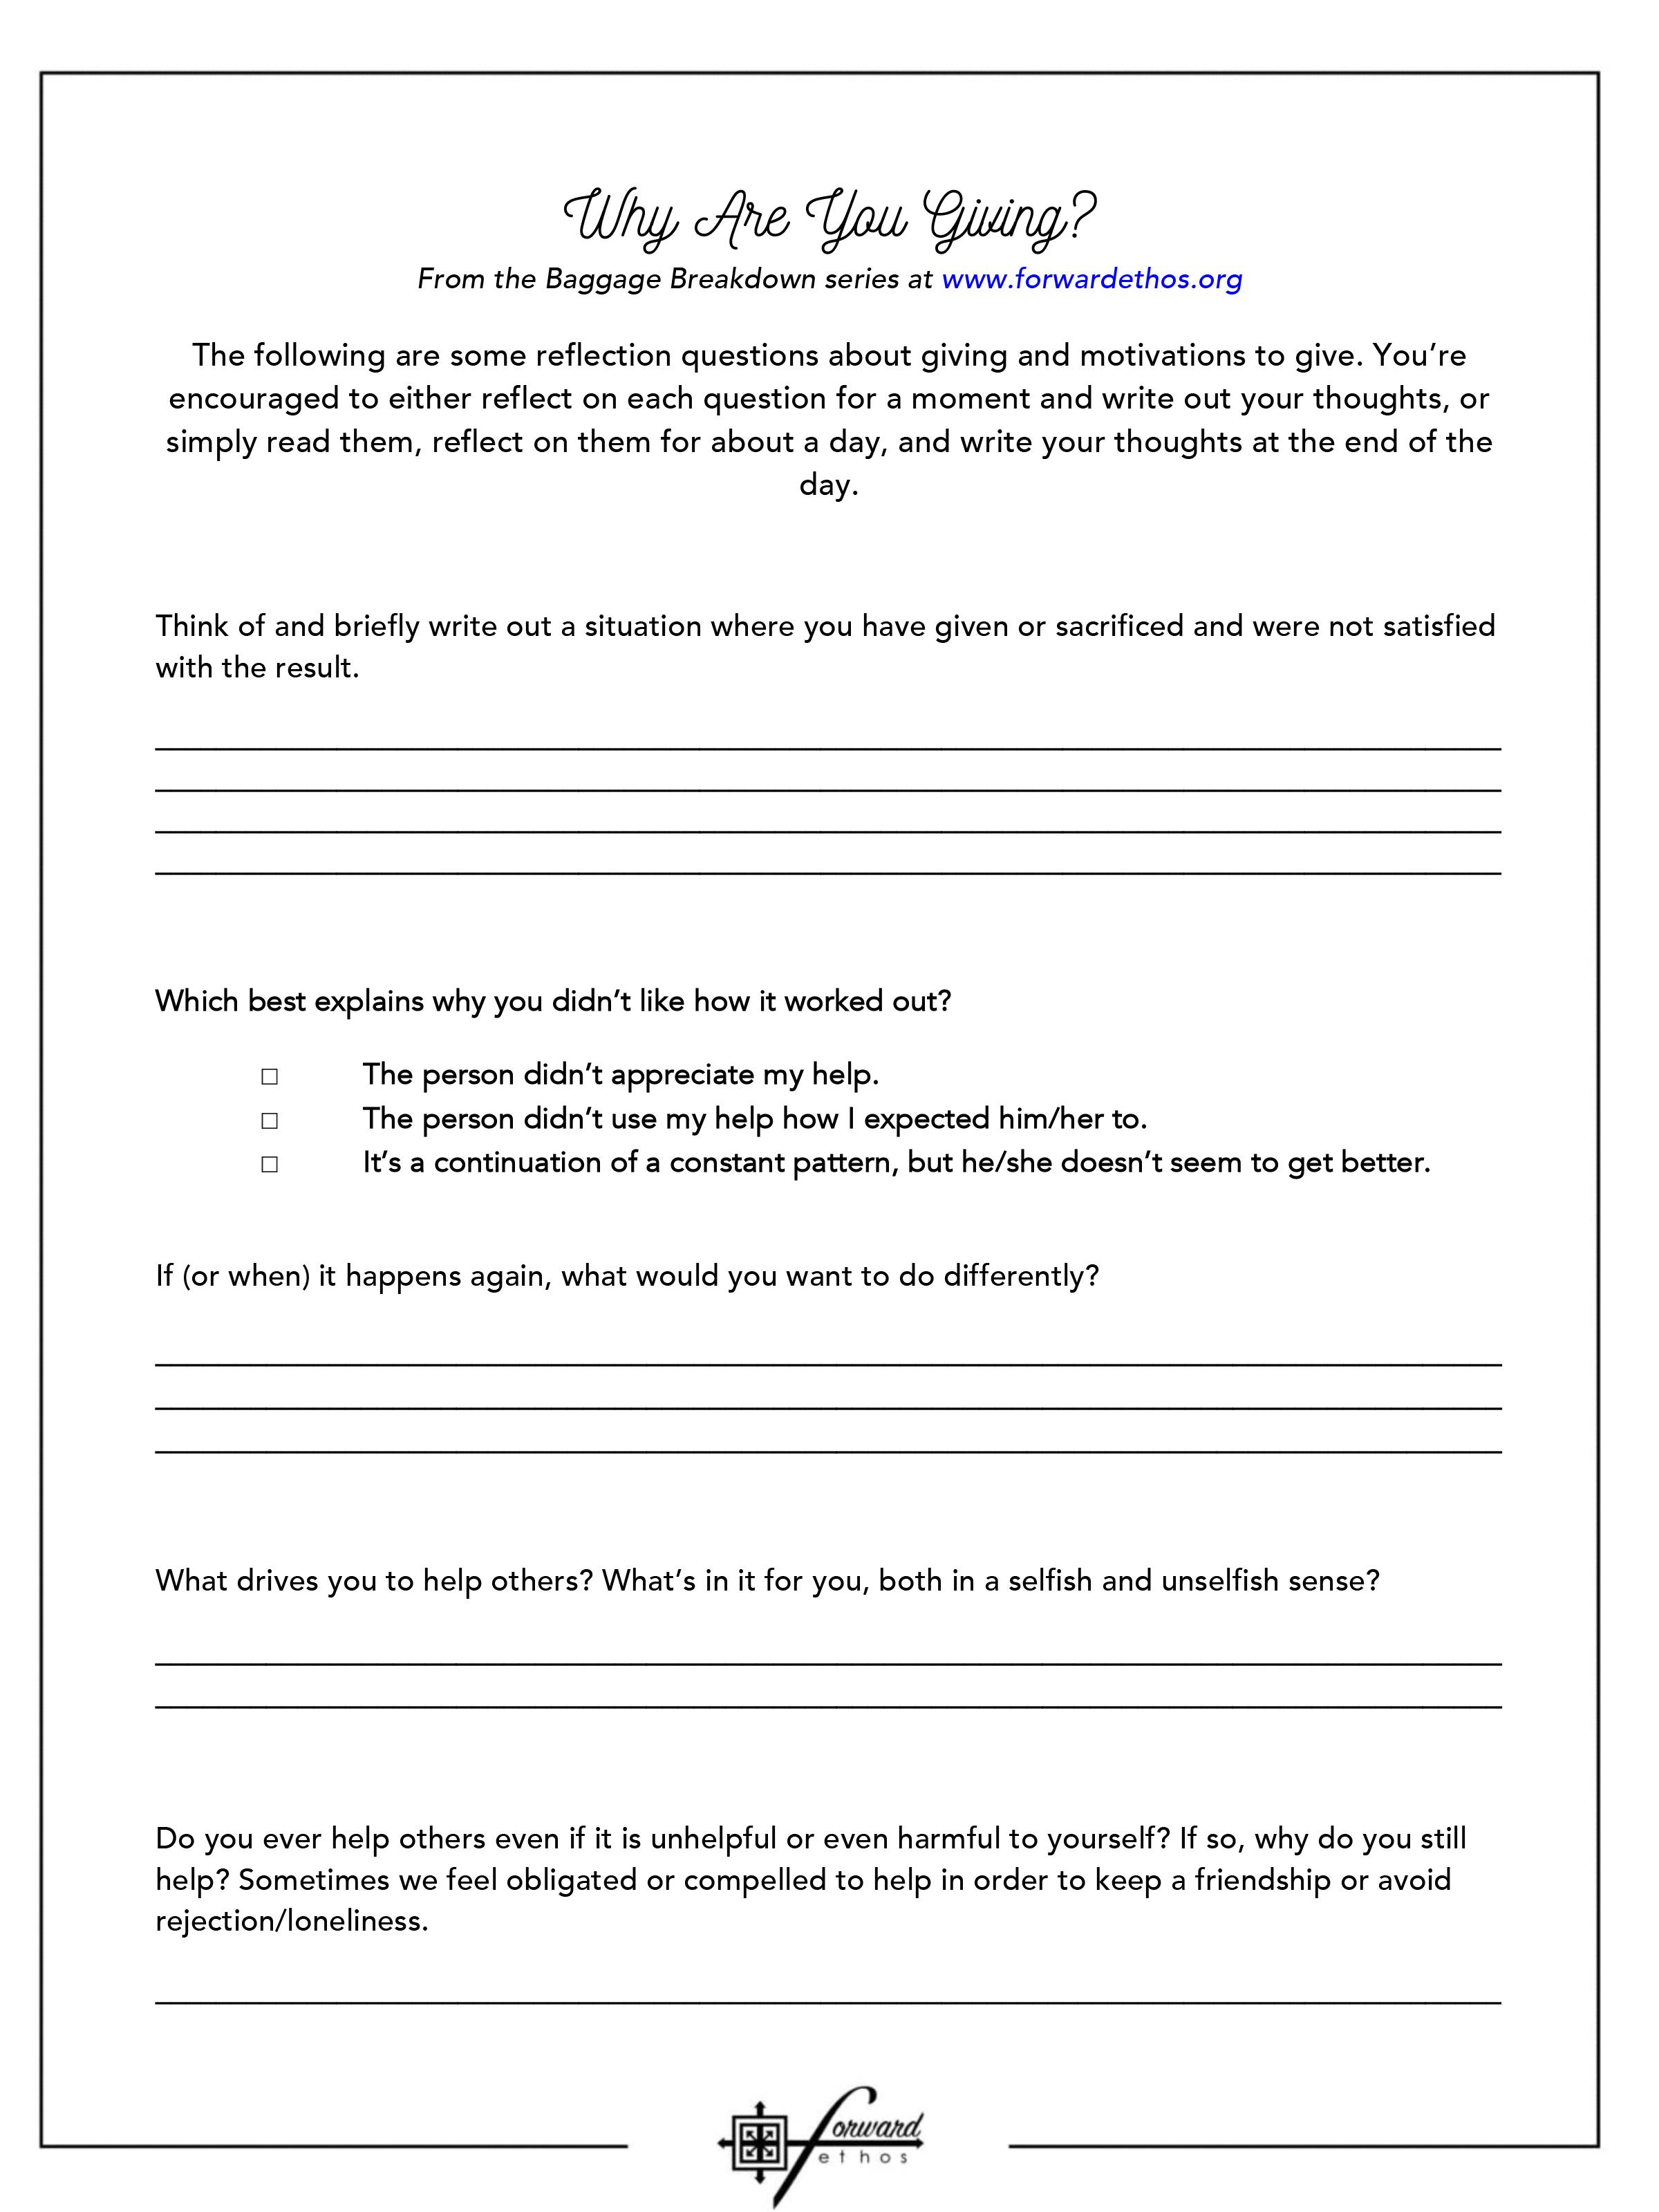 Worksheet 05-1.jpg